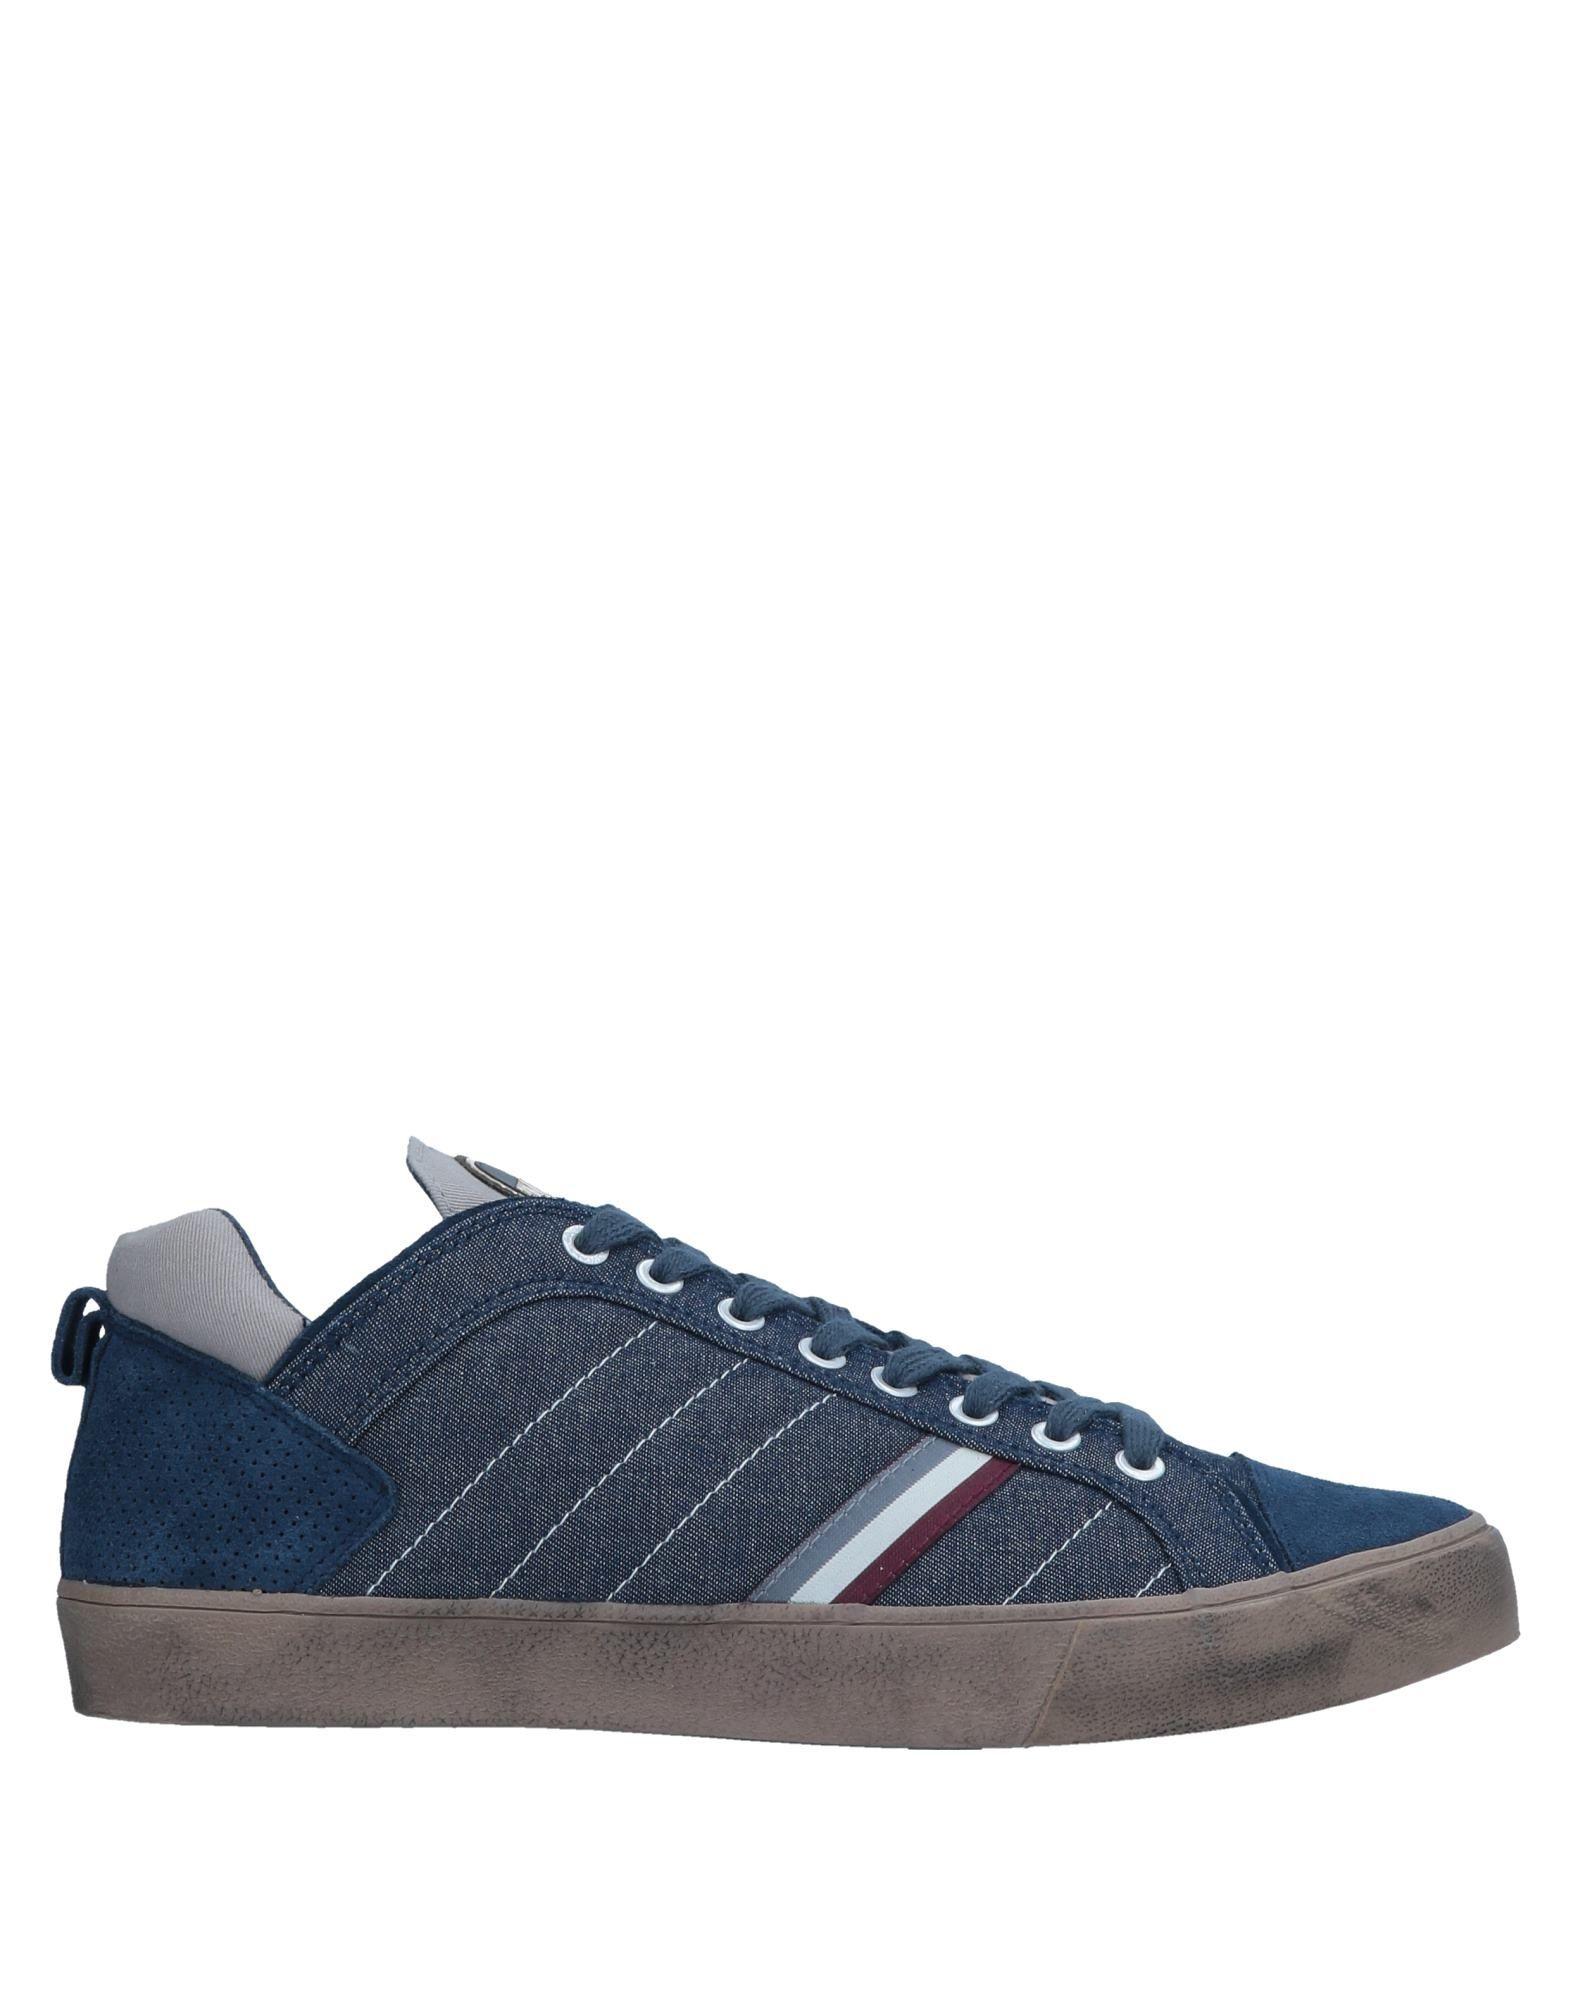 Rabatt echte Schuhe Colmar Sneakers Herren  11552301XL